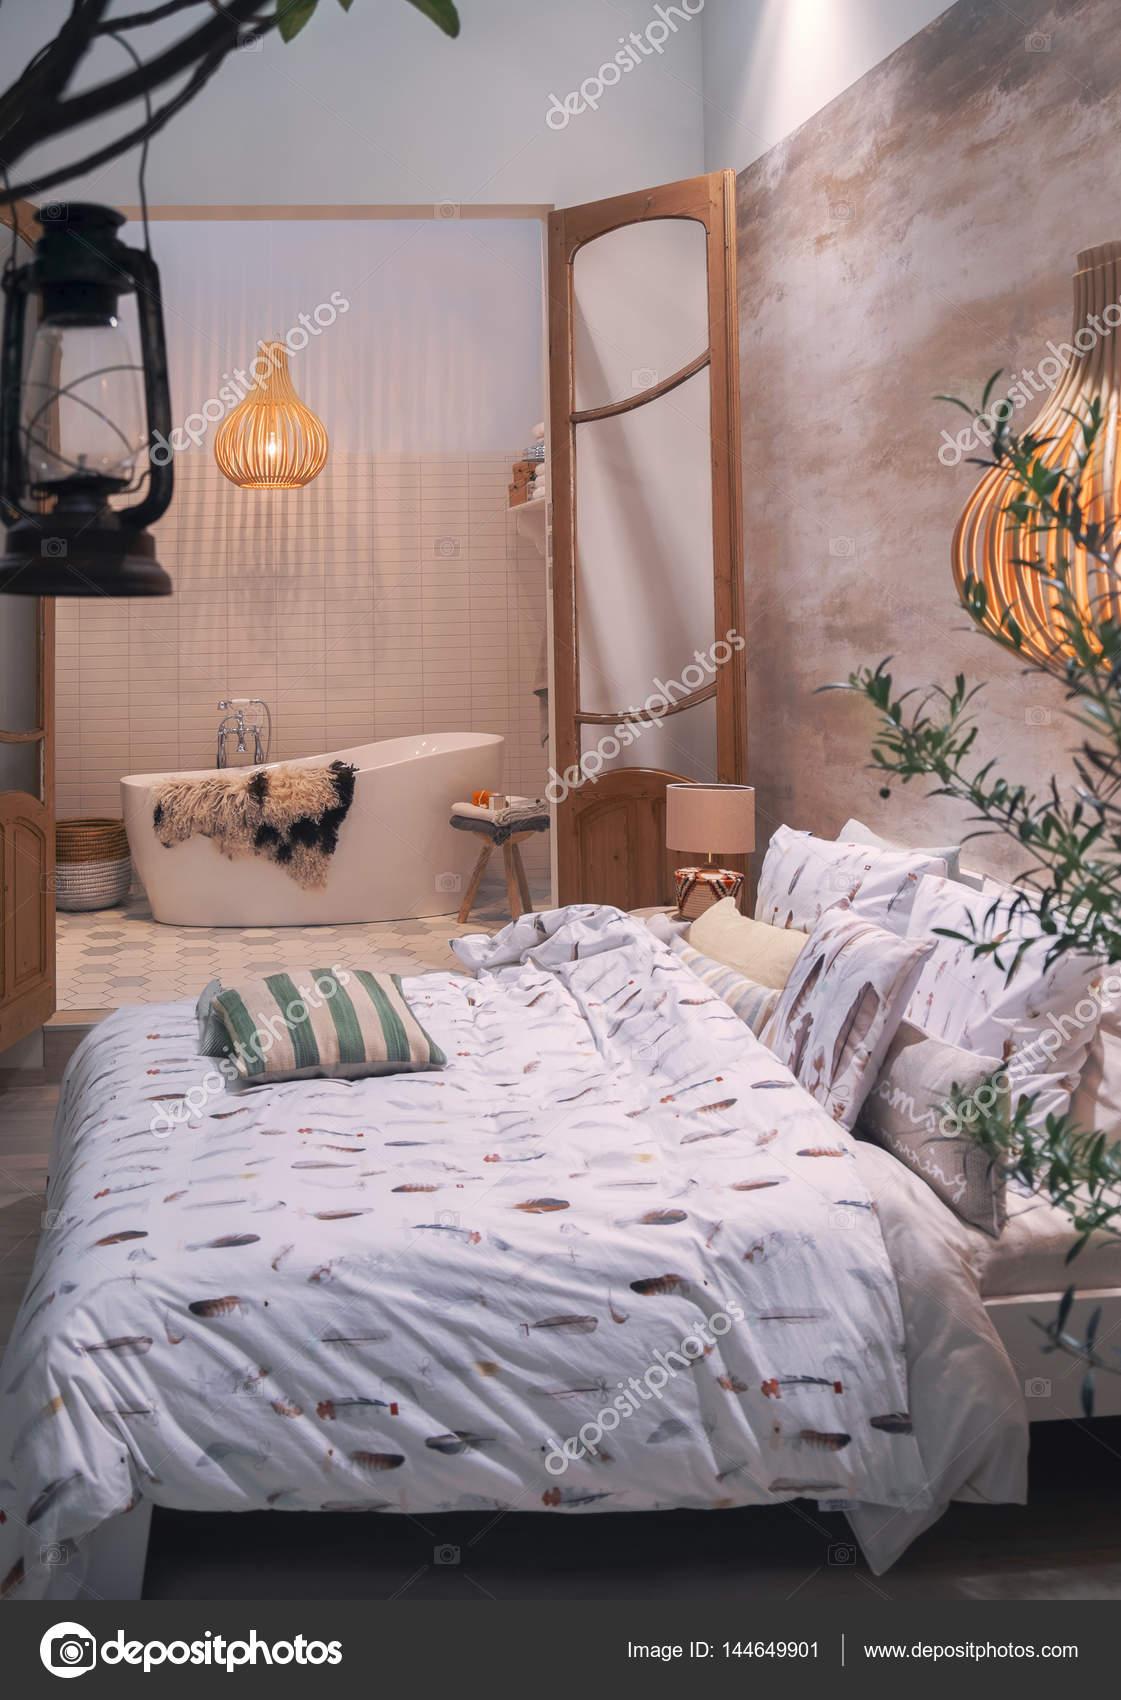 Casa camera da letto in stile country — Foto Stock © araraadt #144649901